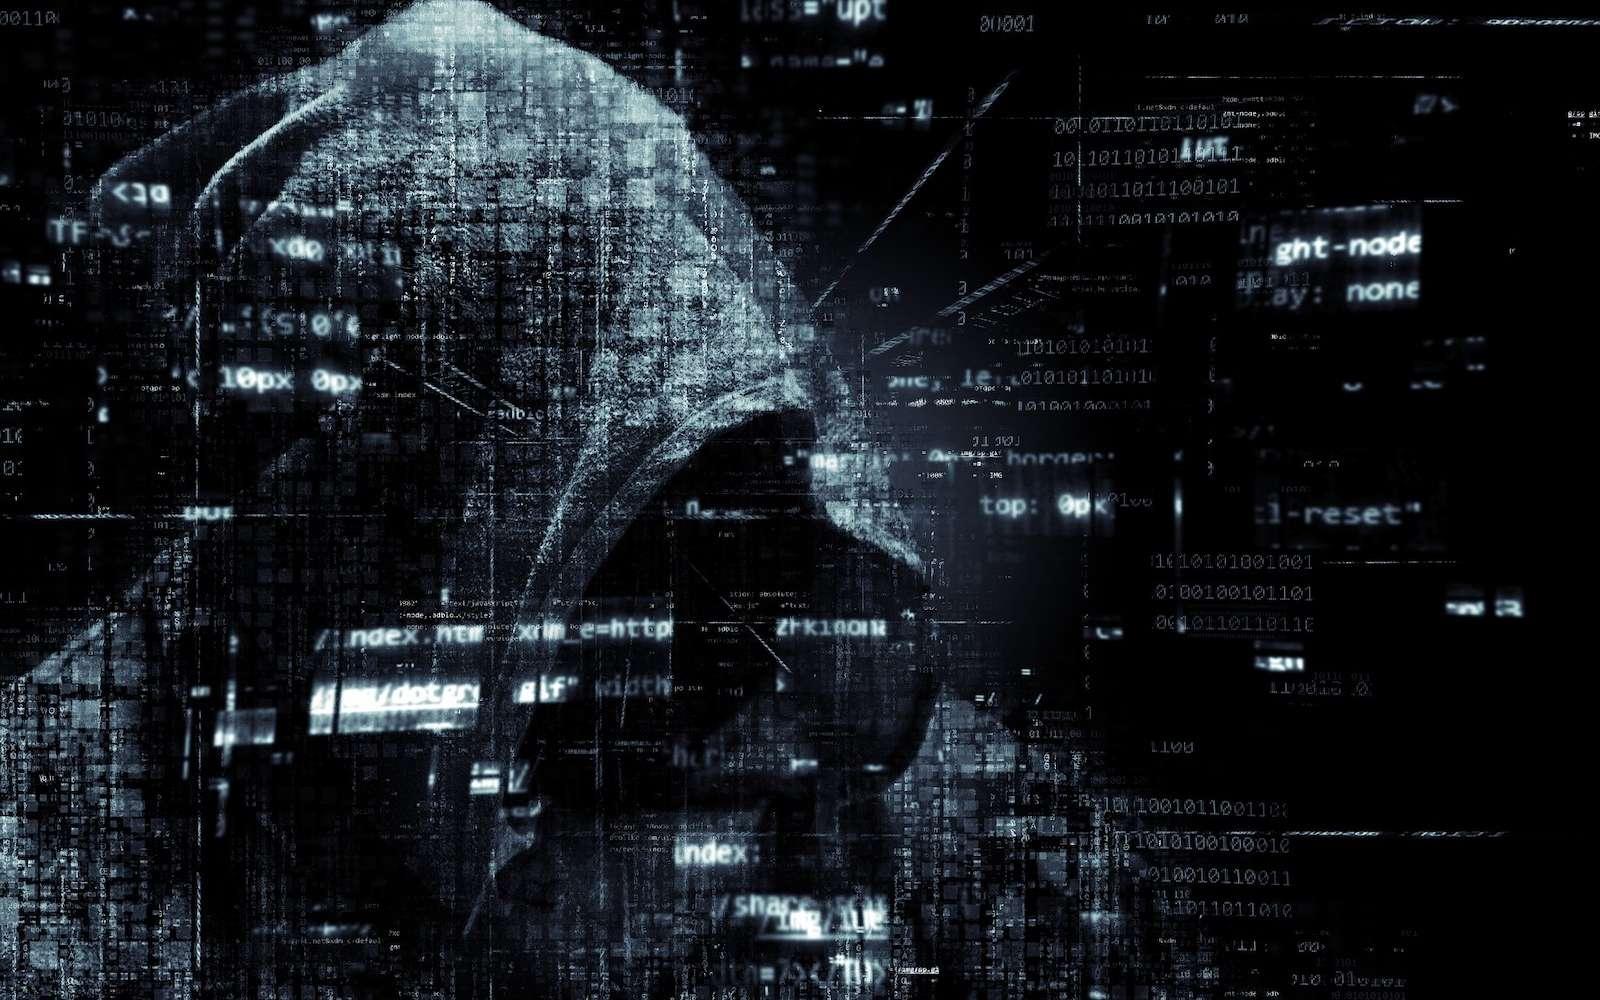 Très évolué, ce malware vole les informations de paiement depuis les comptes Facebook, Amazon et Airbnb, et utilise le compte Facebook pour inviter de nouveaux amis. © TheDigitalArtist, Pixabay